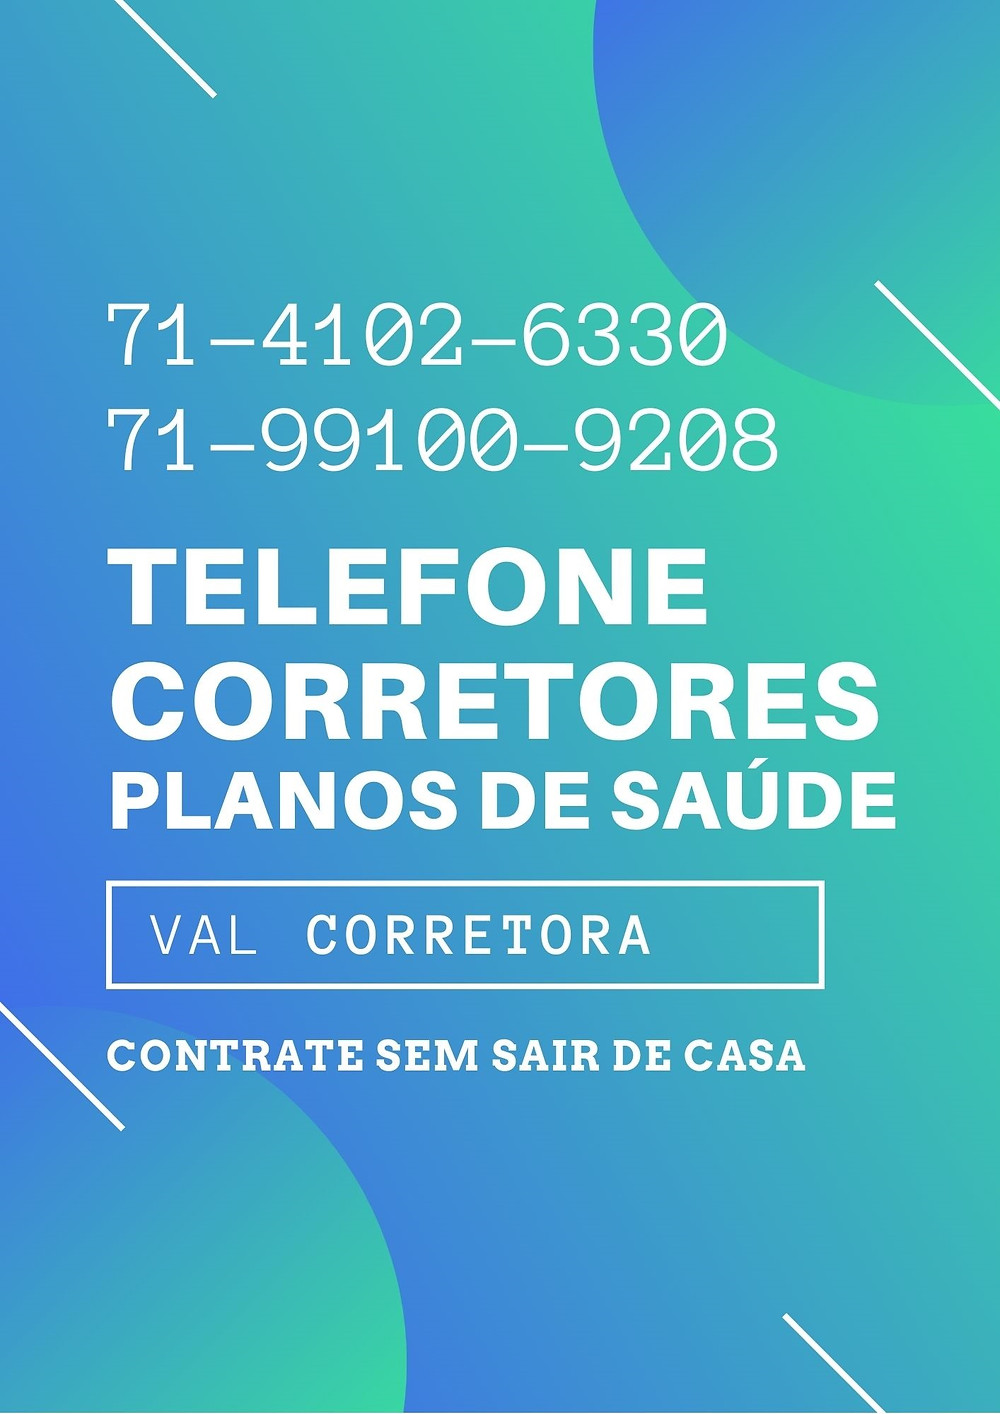 Telefone para informações sobre Planos de Saúde